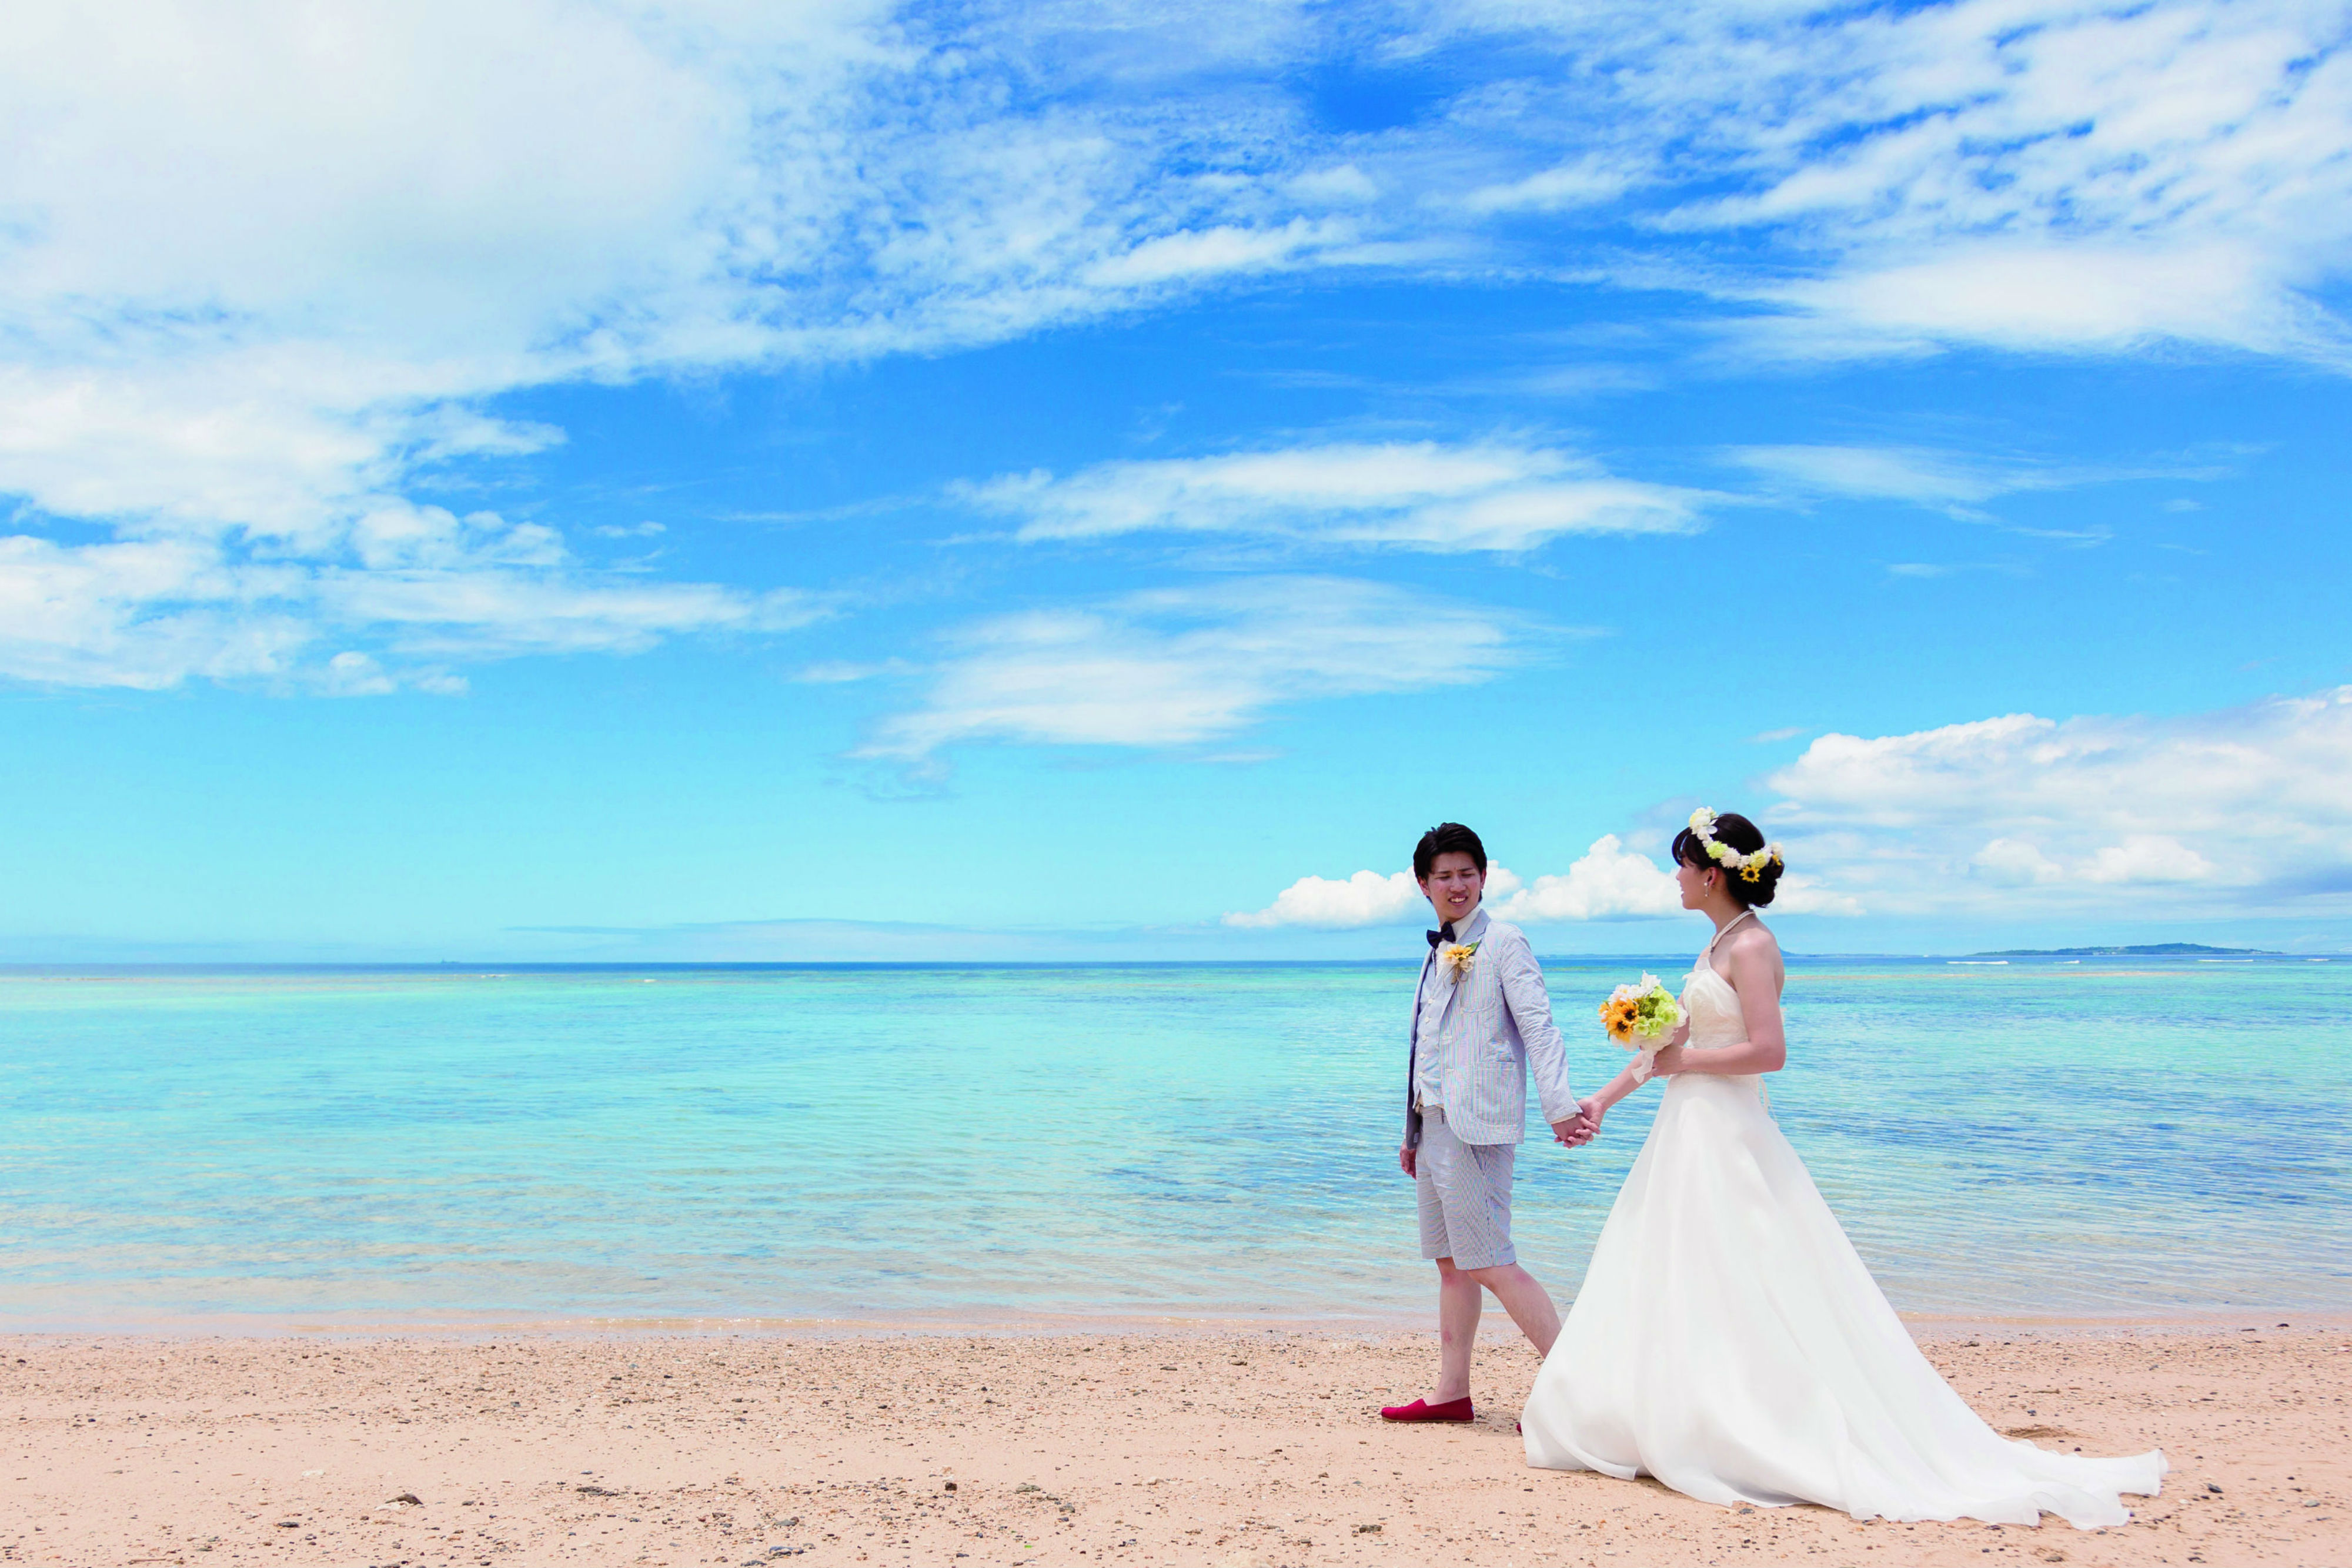 沖縄フォトウェディング最大の魅力